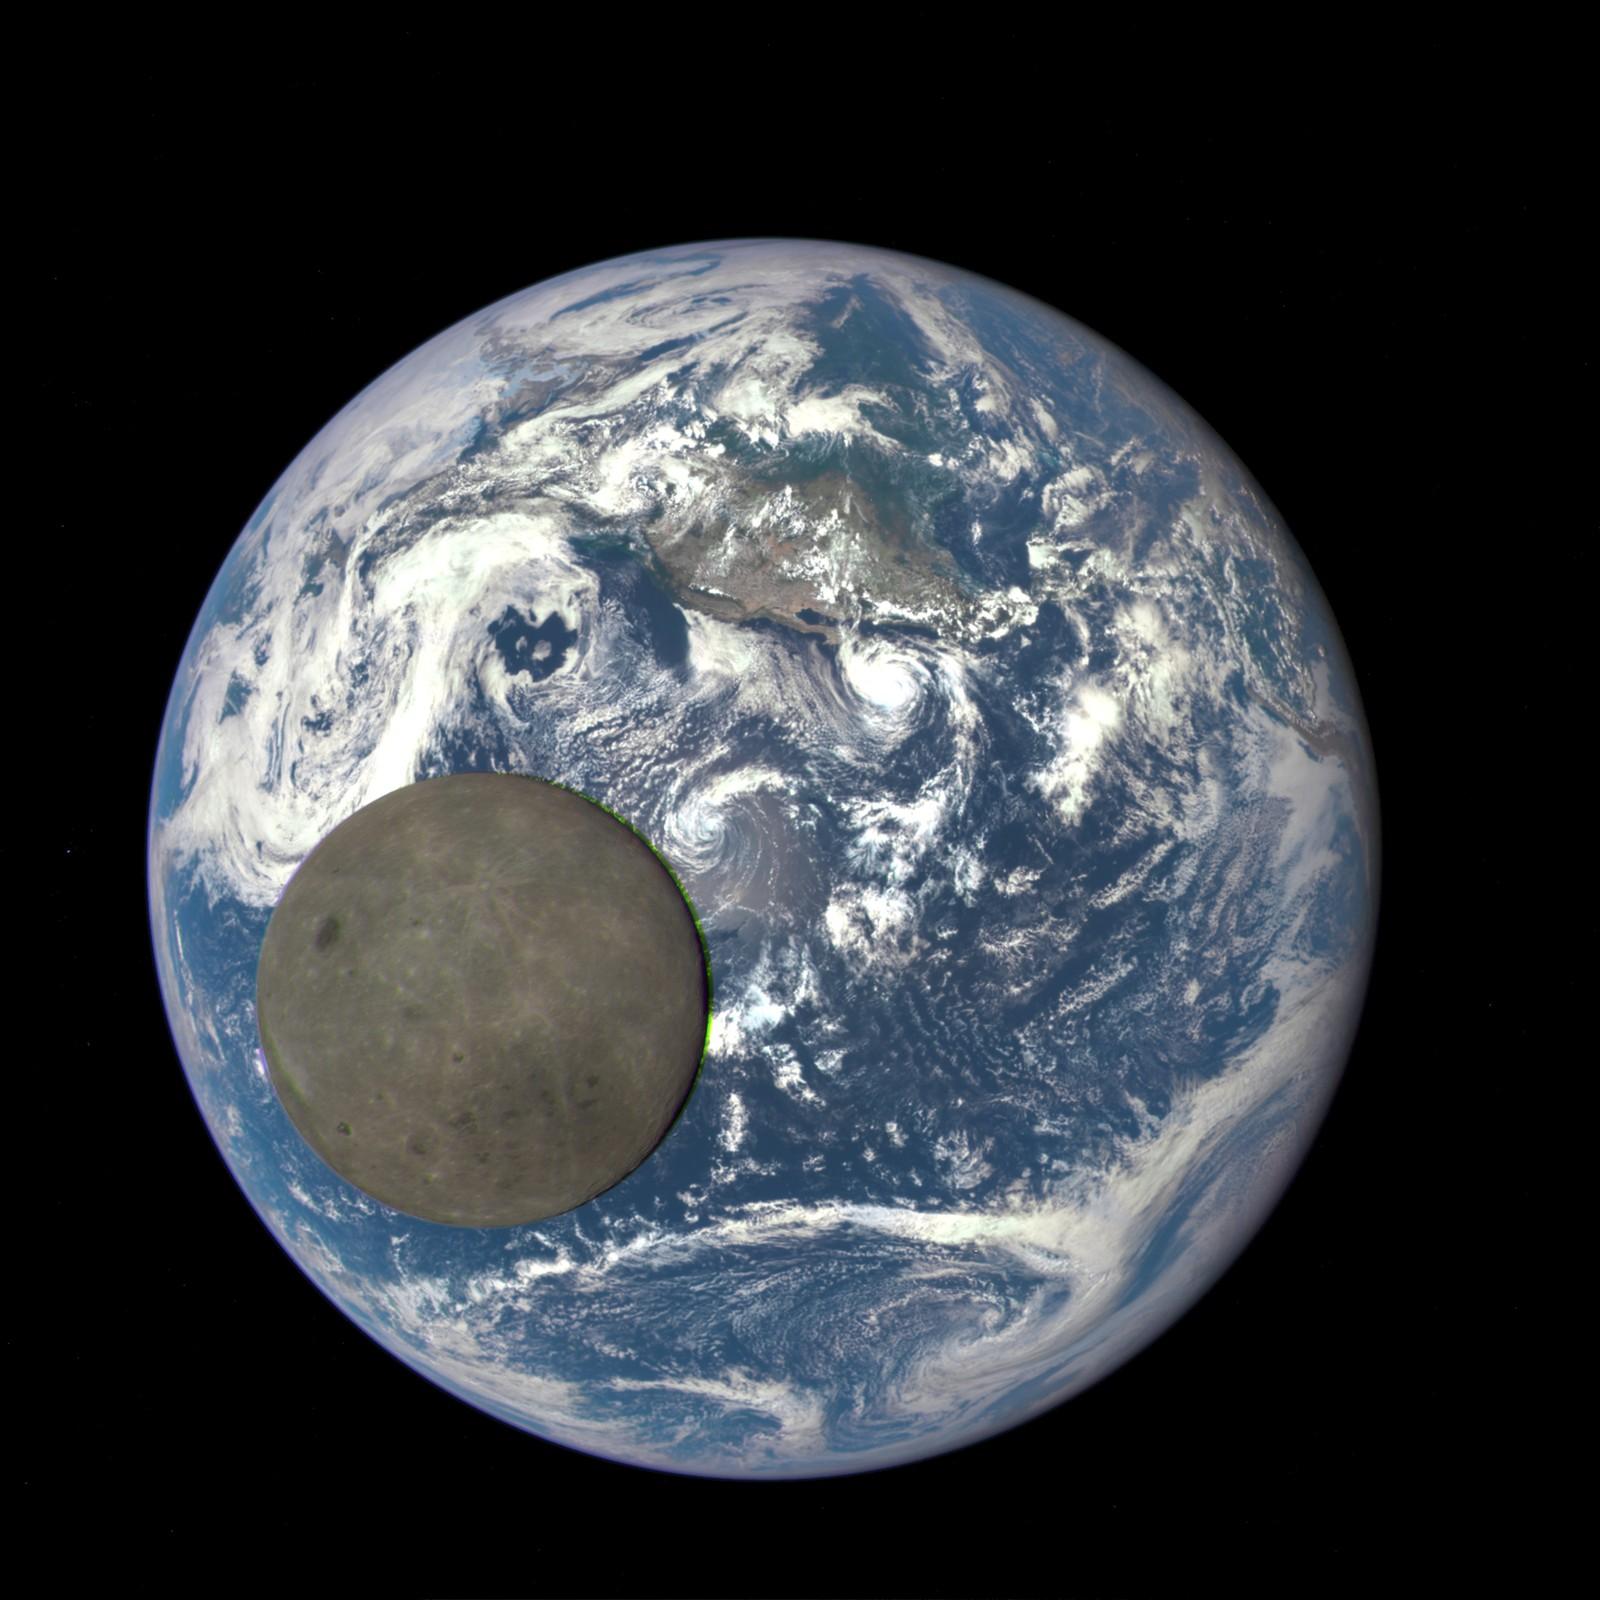 """Dette bildet viser baksiden av månen, eller """"den mørke siden av månen"""" som den også kalles. I dette bildet er den opplyst av solen, med Jorden i bakgrunnen."""